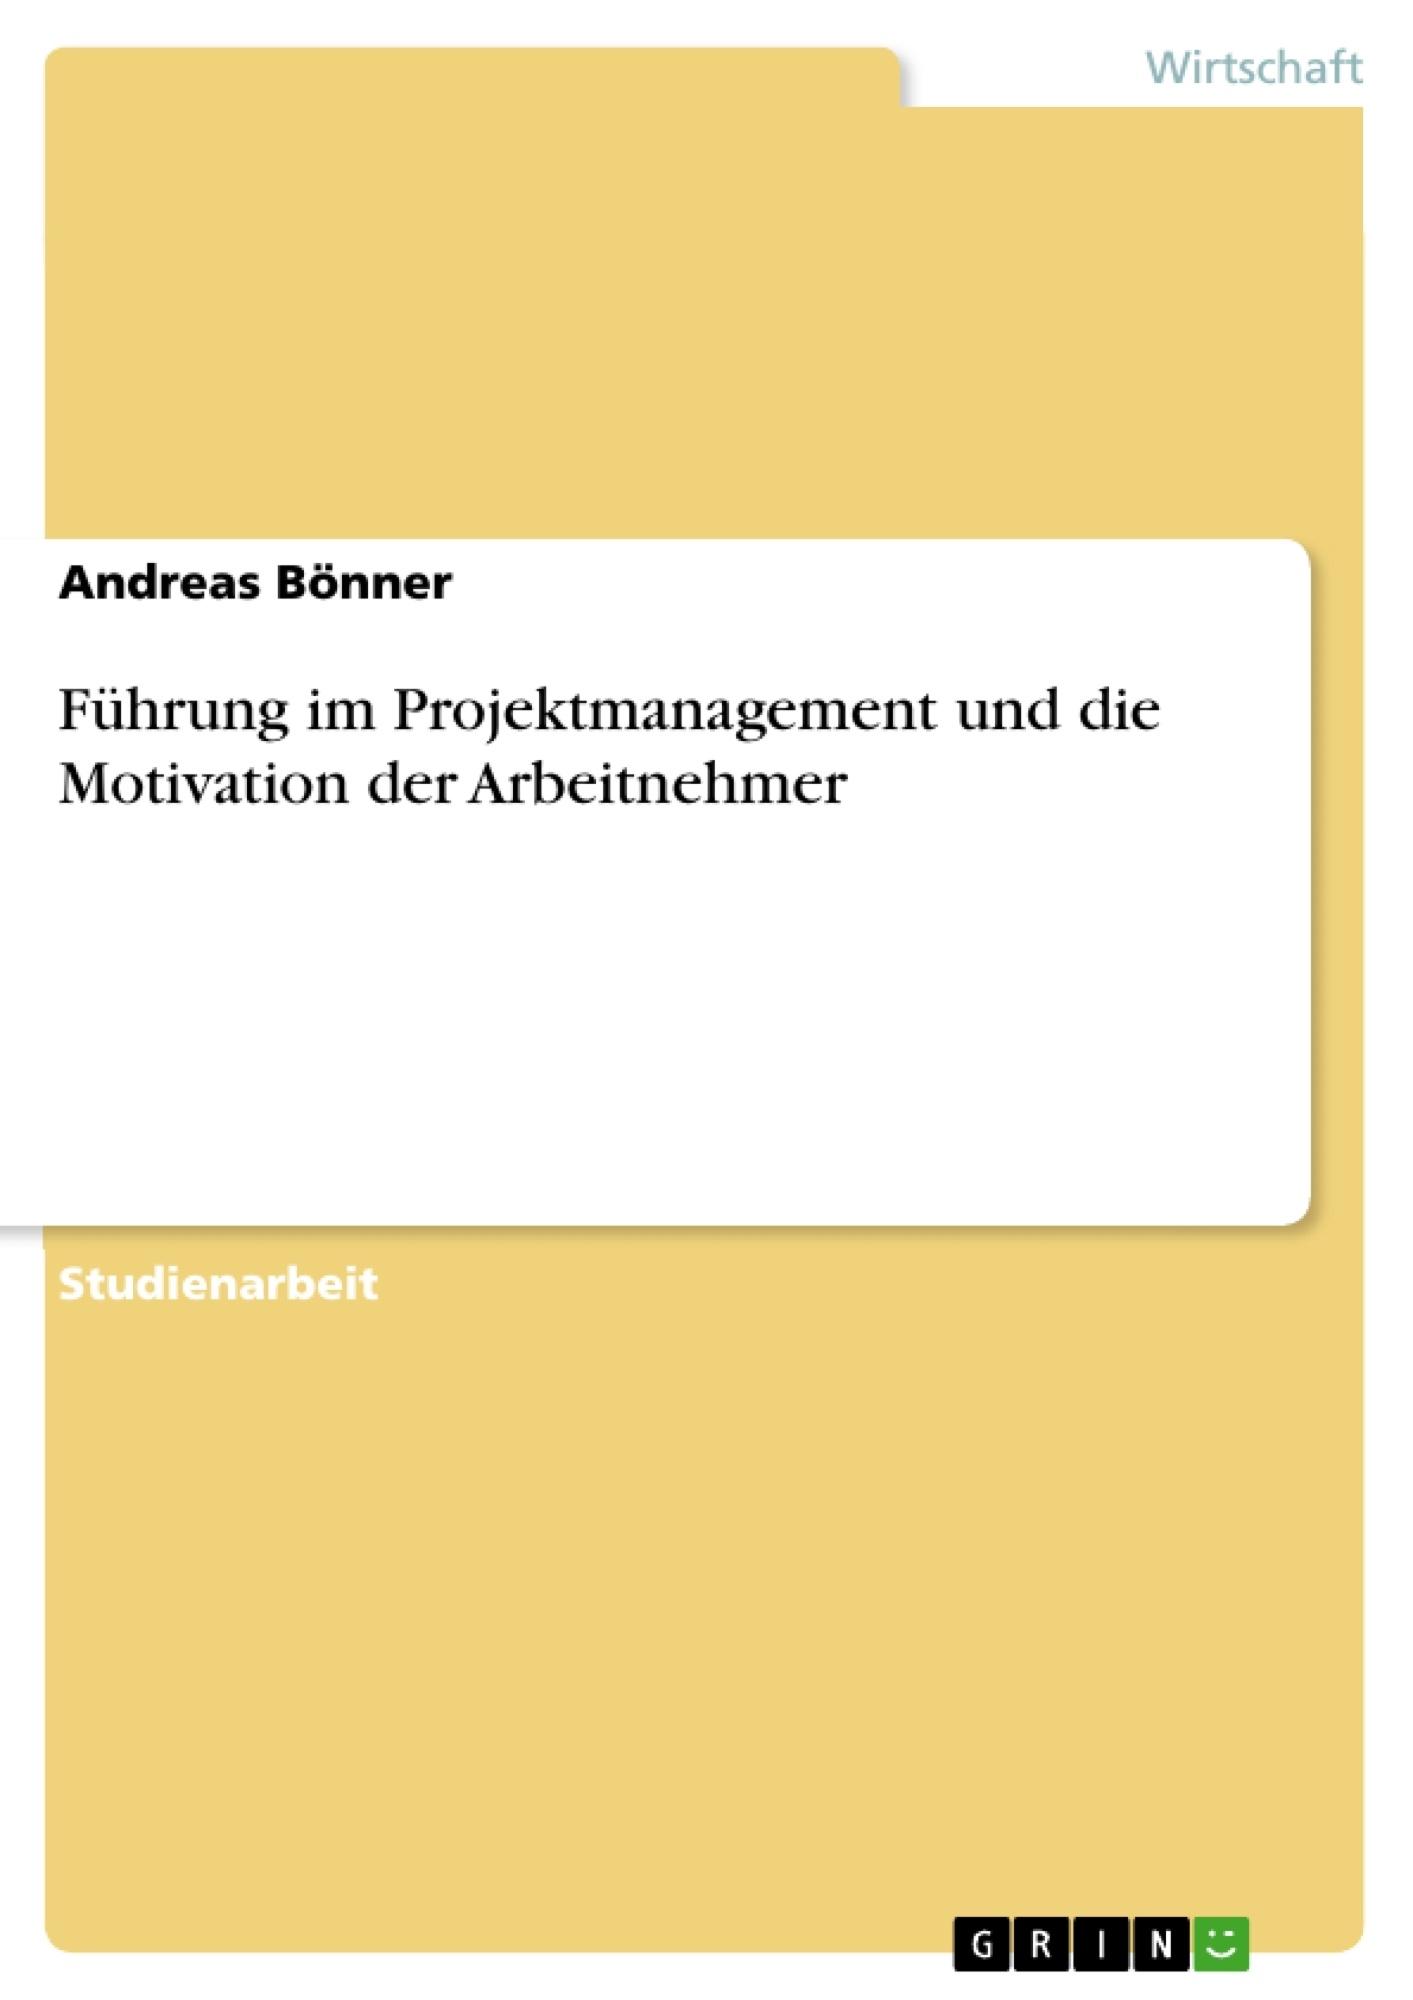 Titel: Führung im Projektmanagement und die Motivation der Arbeitnehmer